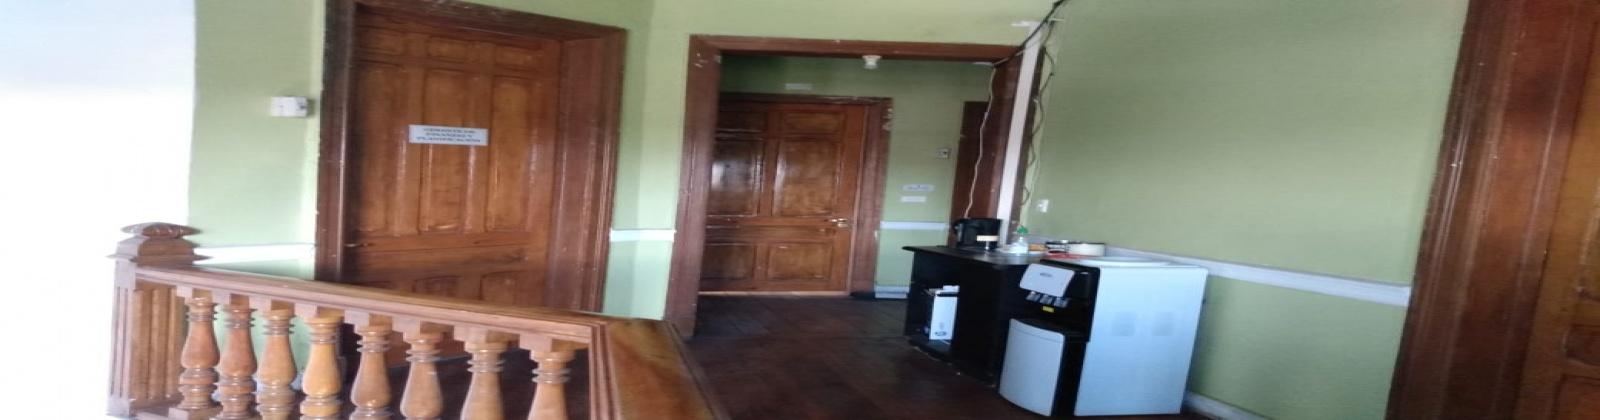 526 Libertad, Santiago, R. Metropolitana, 11 Habitaciones Habitaciones, ,4 BathroomsBathrooms,Casa,Arriendo,Libertad,1073